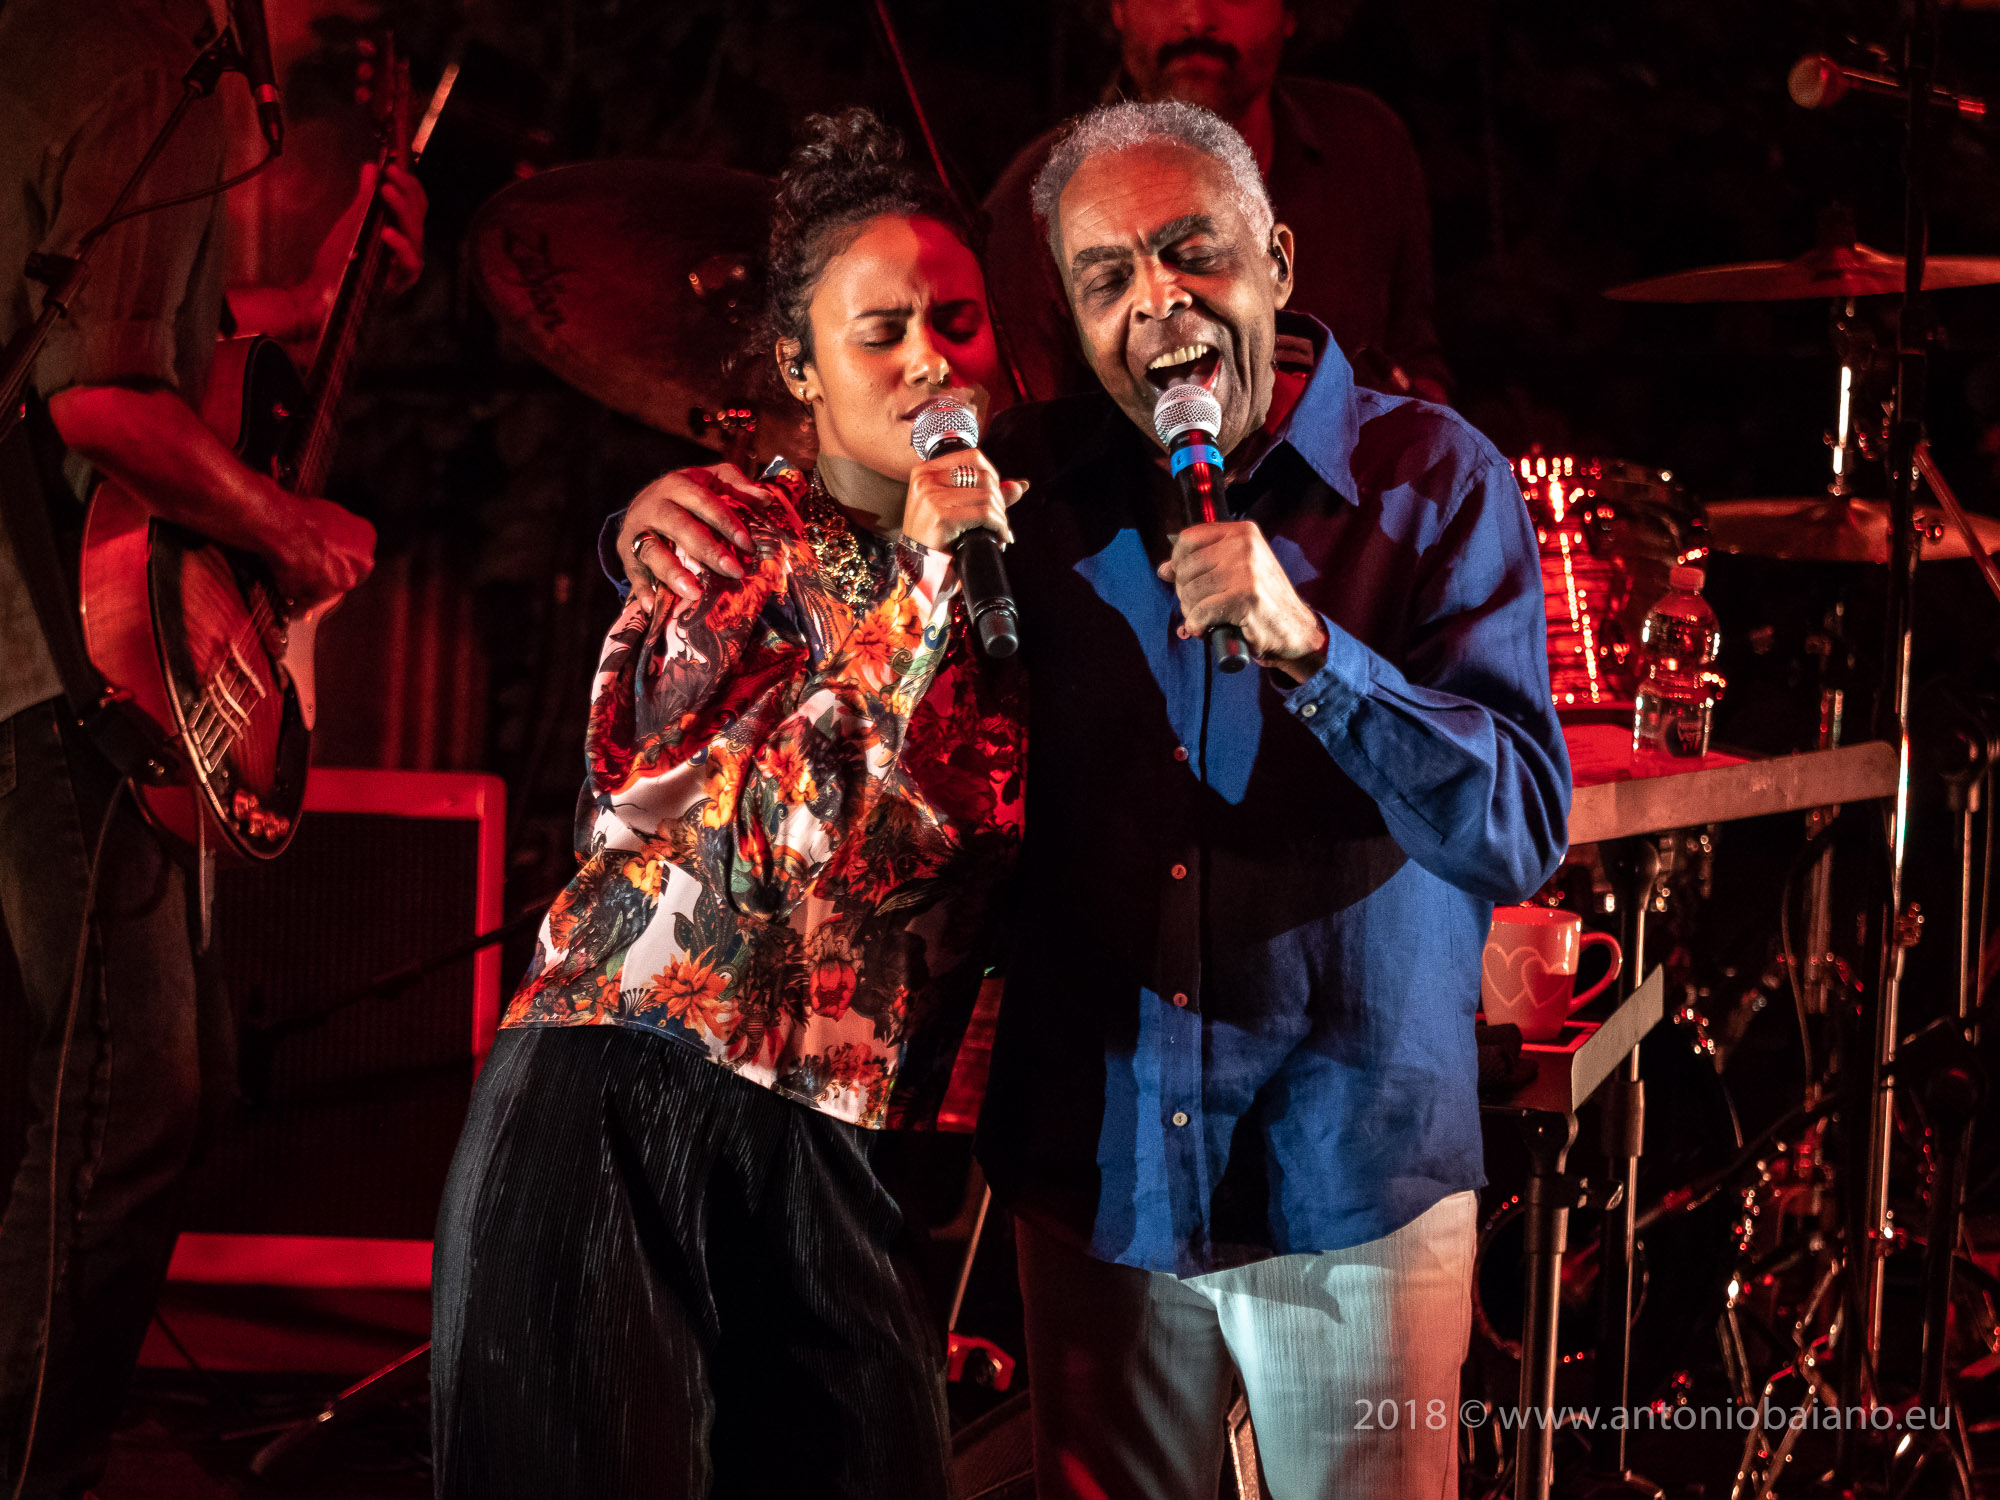 Gilberto Gil with Mayra Andrade - Refavela 40